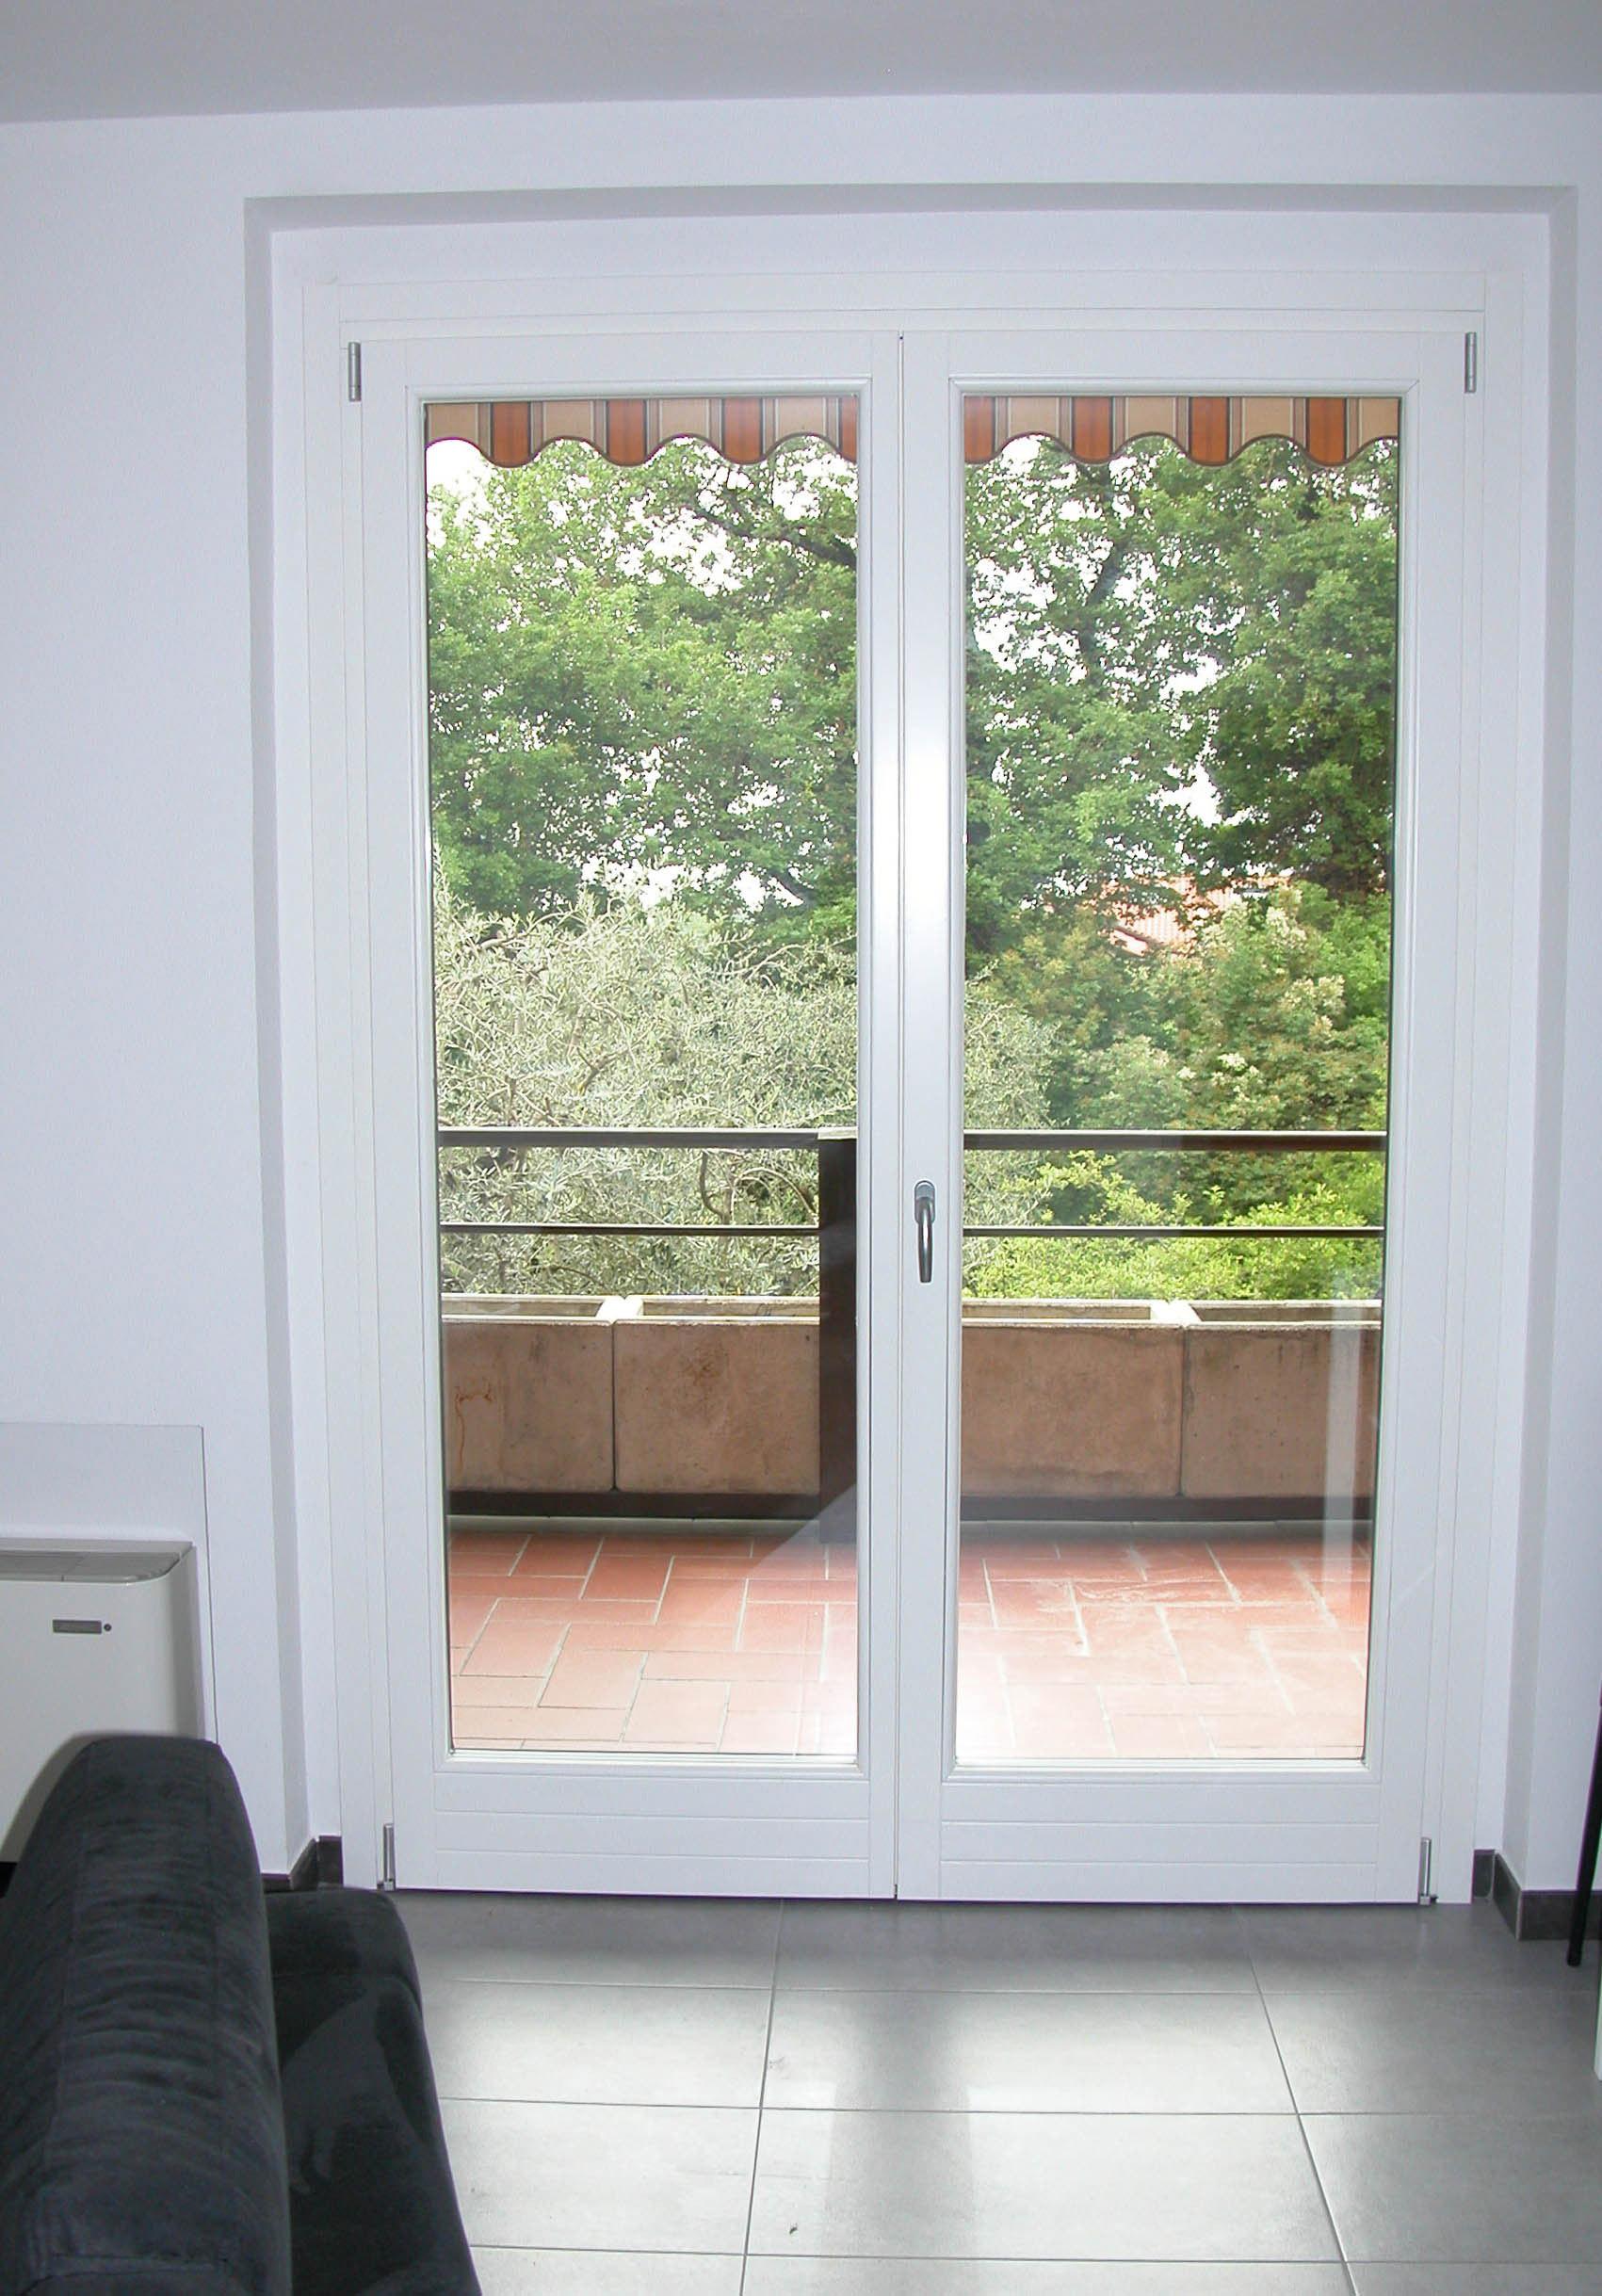 Pf2 porta finestra in legno alluminio a due ante g tabarini - Costruire una finestra in alluminio ...